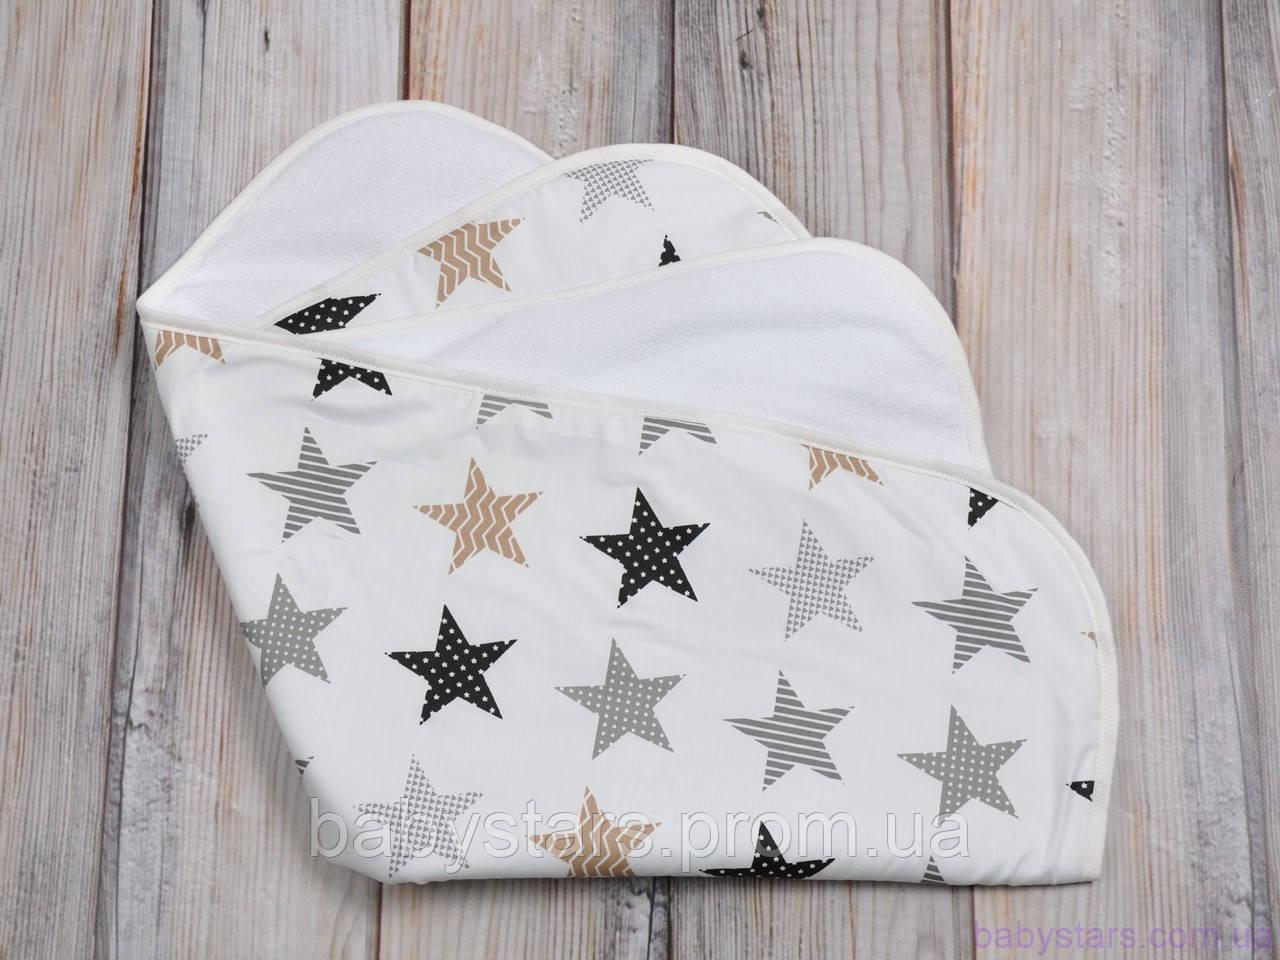 Пеленка махровая непромокаемая (размер 60*80 см), Звезды